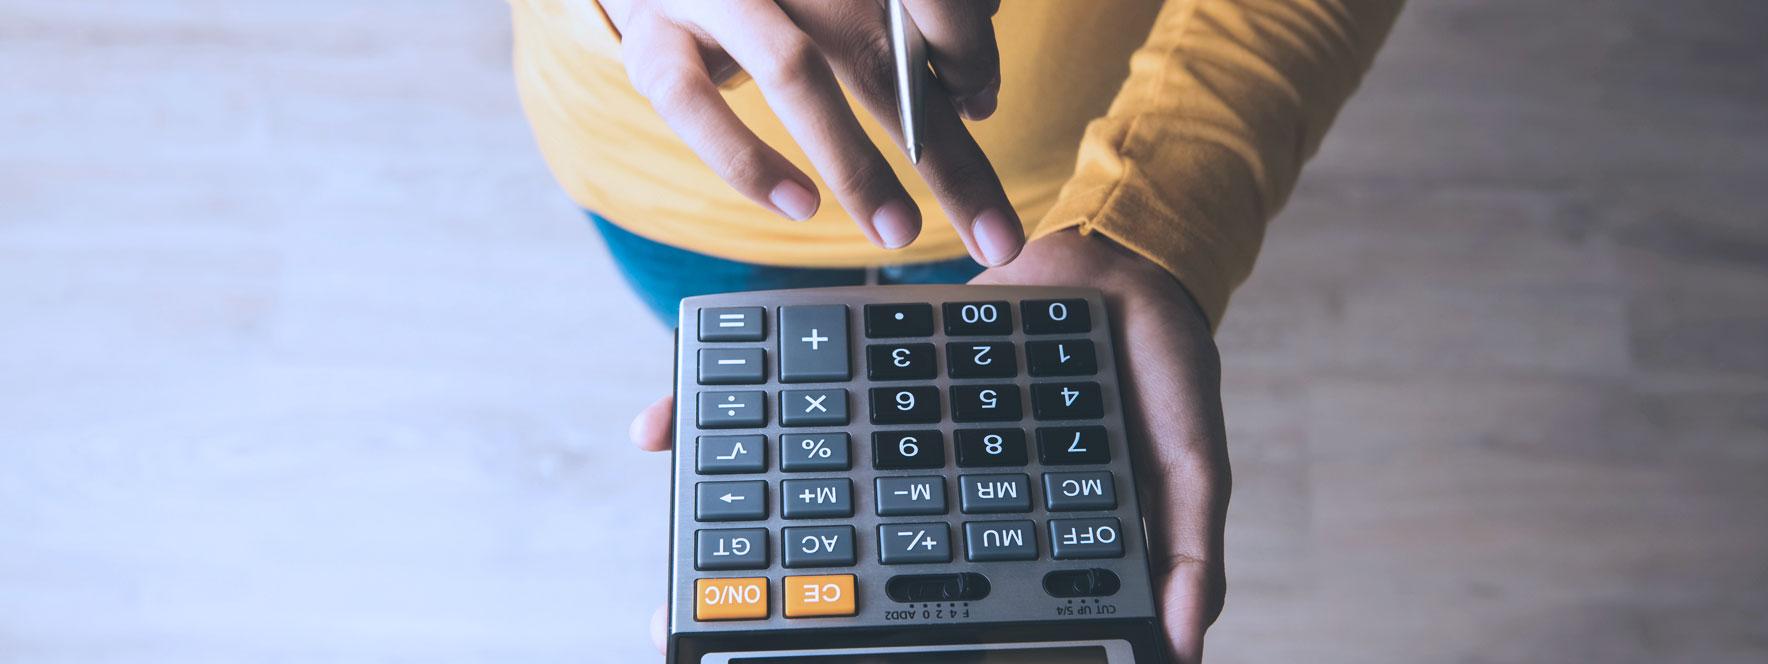 Conseils pour maîtriser sa comptabilité | Blogue du Réseau